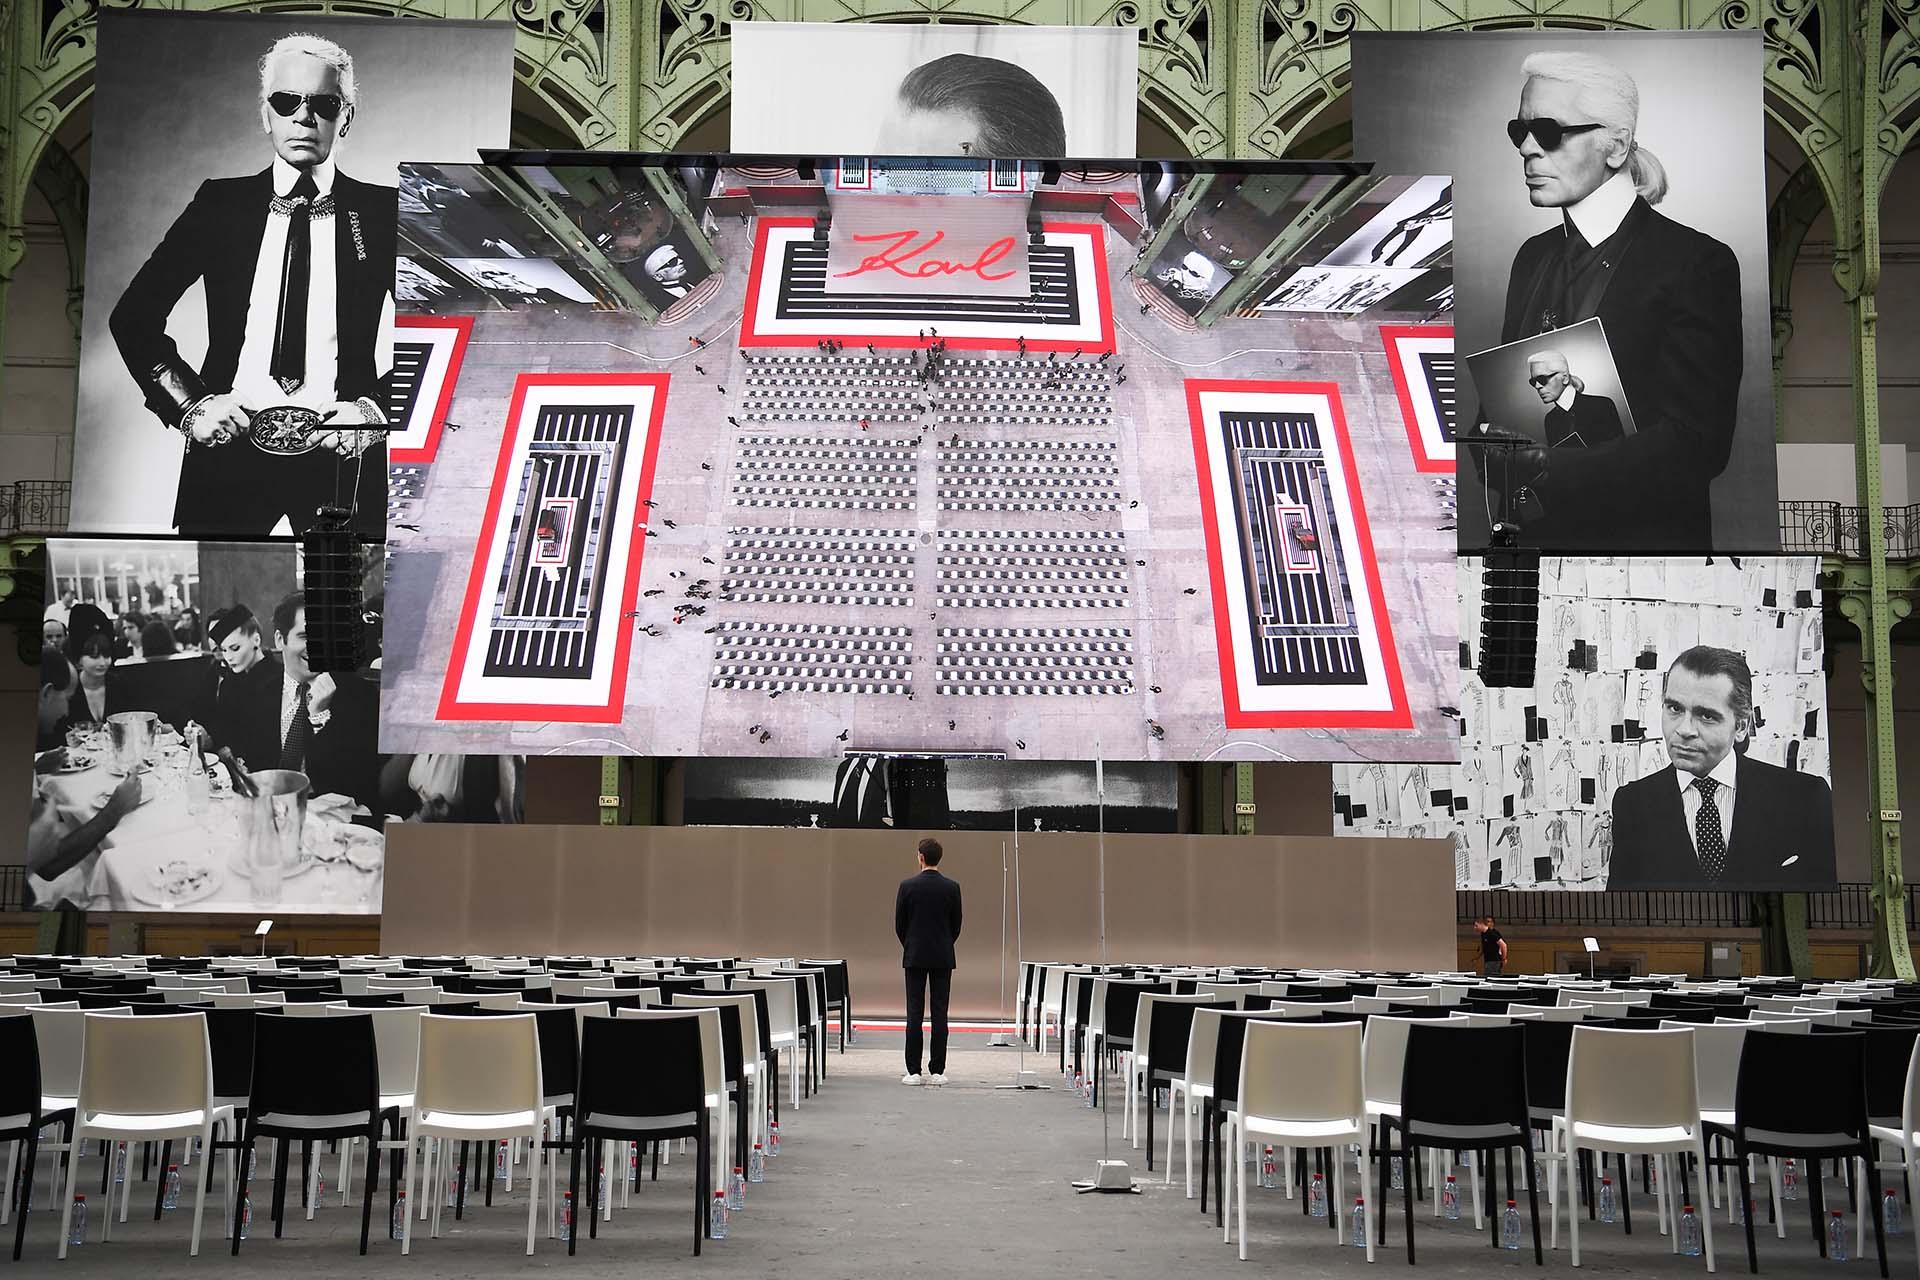 Este es el primer homenaje en público luego de su muerte. El pianista chino Lang Lang, tocó en un piano que Lagerfeld diseñó en el 150º aniversario de la marca Steinway